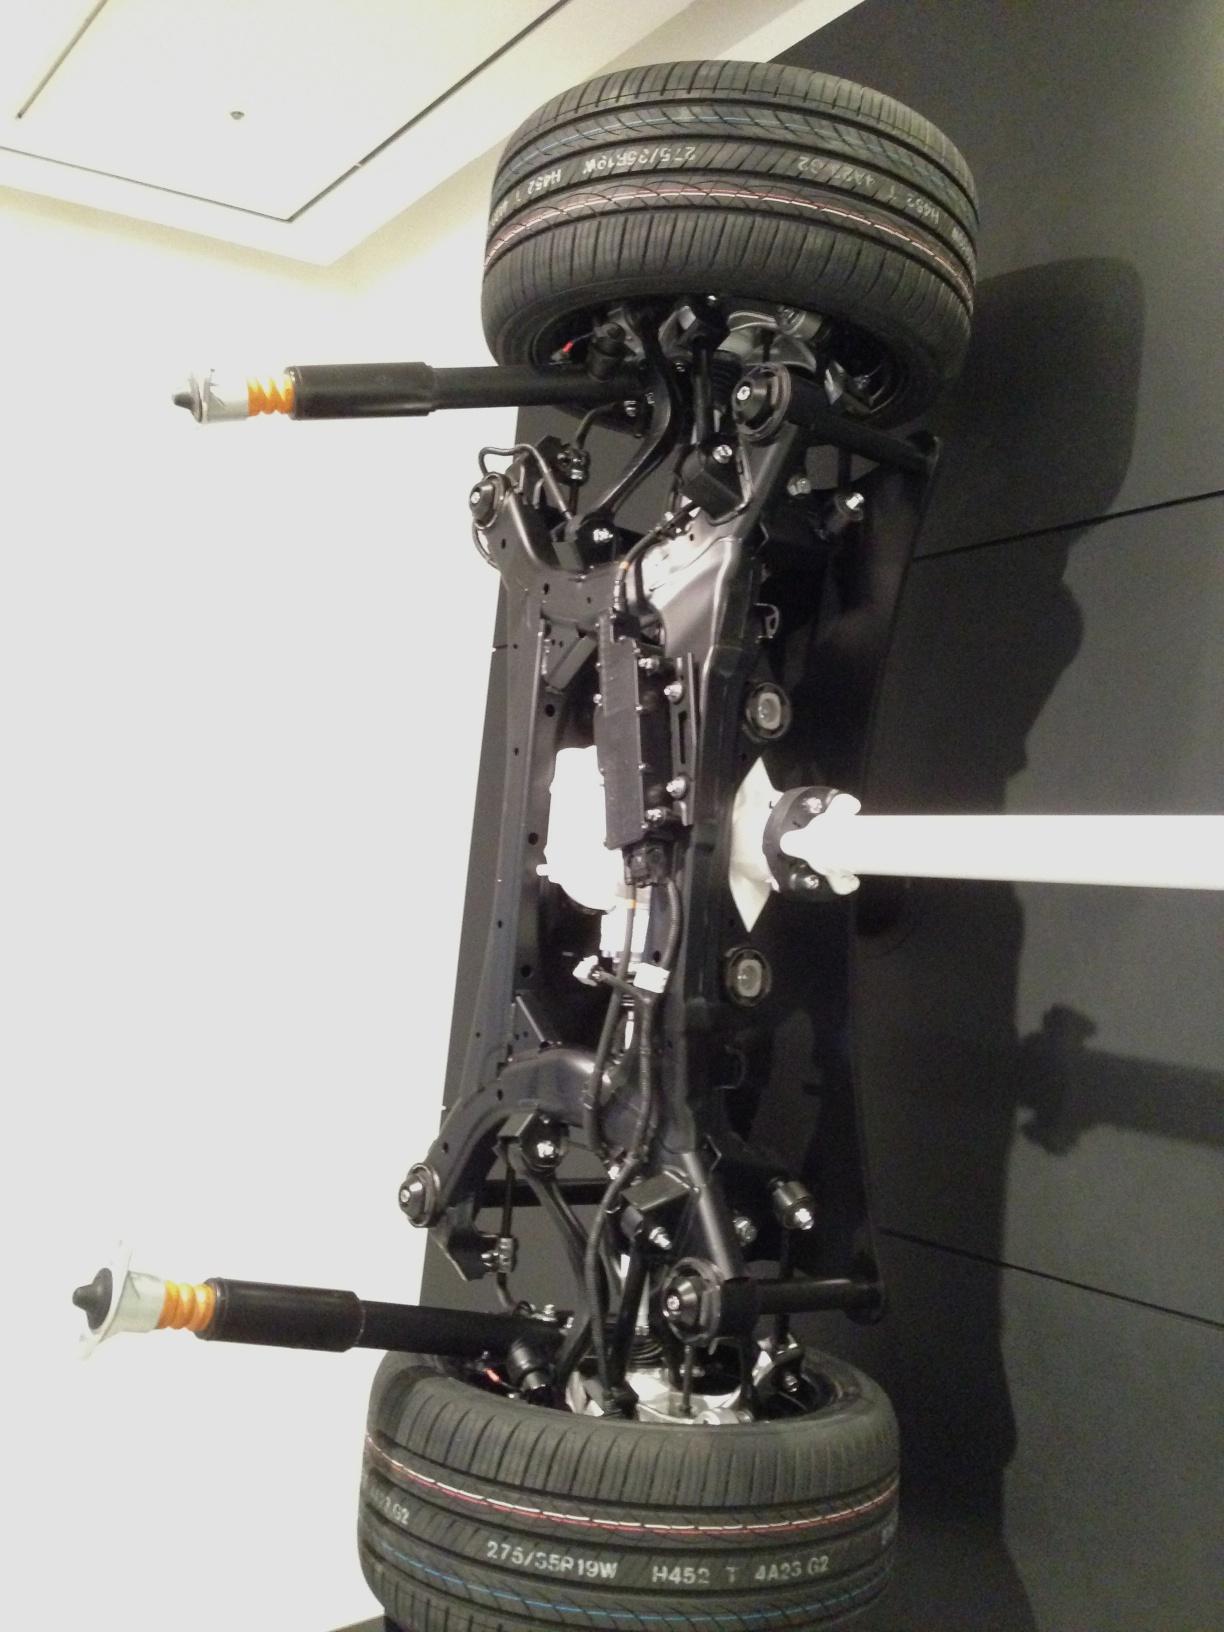 신형 제네시스 (2013년 11월) 엔진 및 하체 사진 몇 장